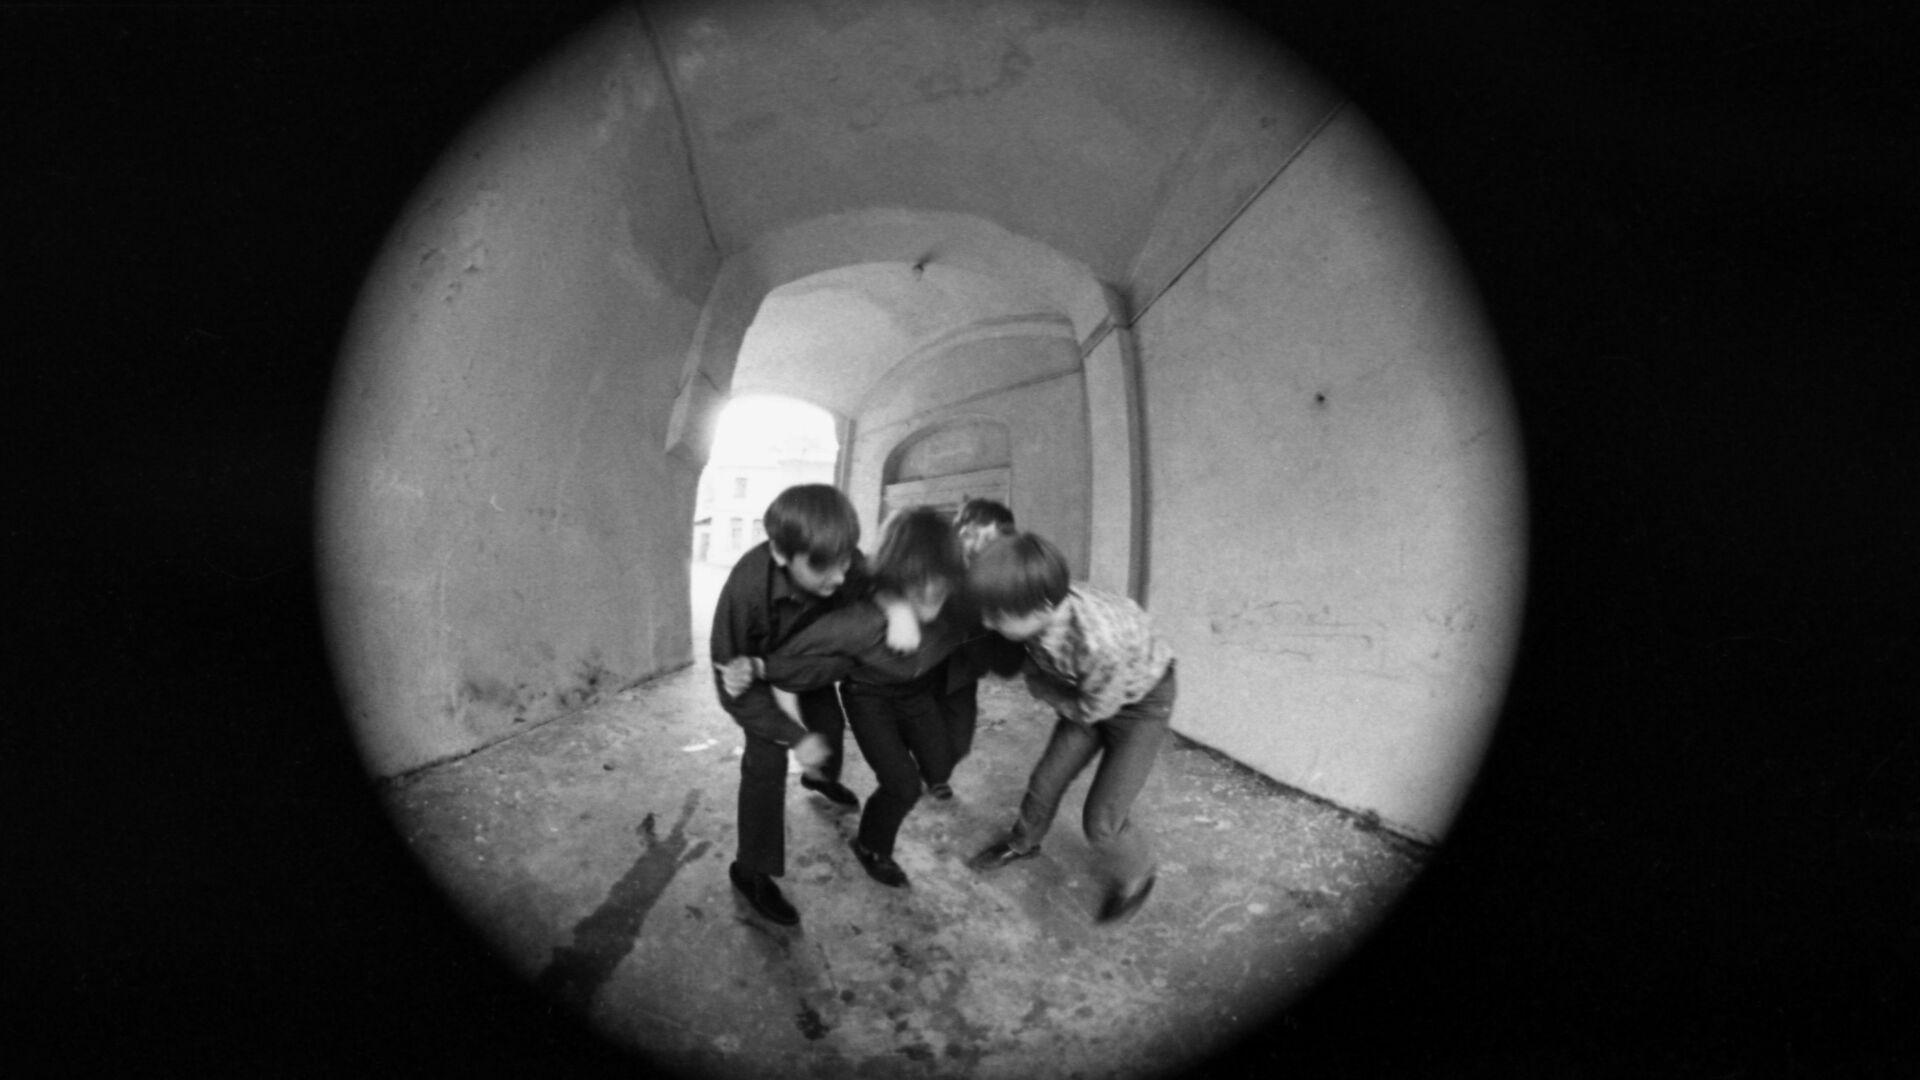 Подростковая агрессия. Архивное фото - РИА Новости, 1920, 28.09.2021